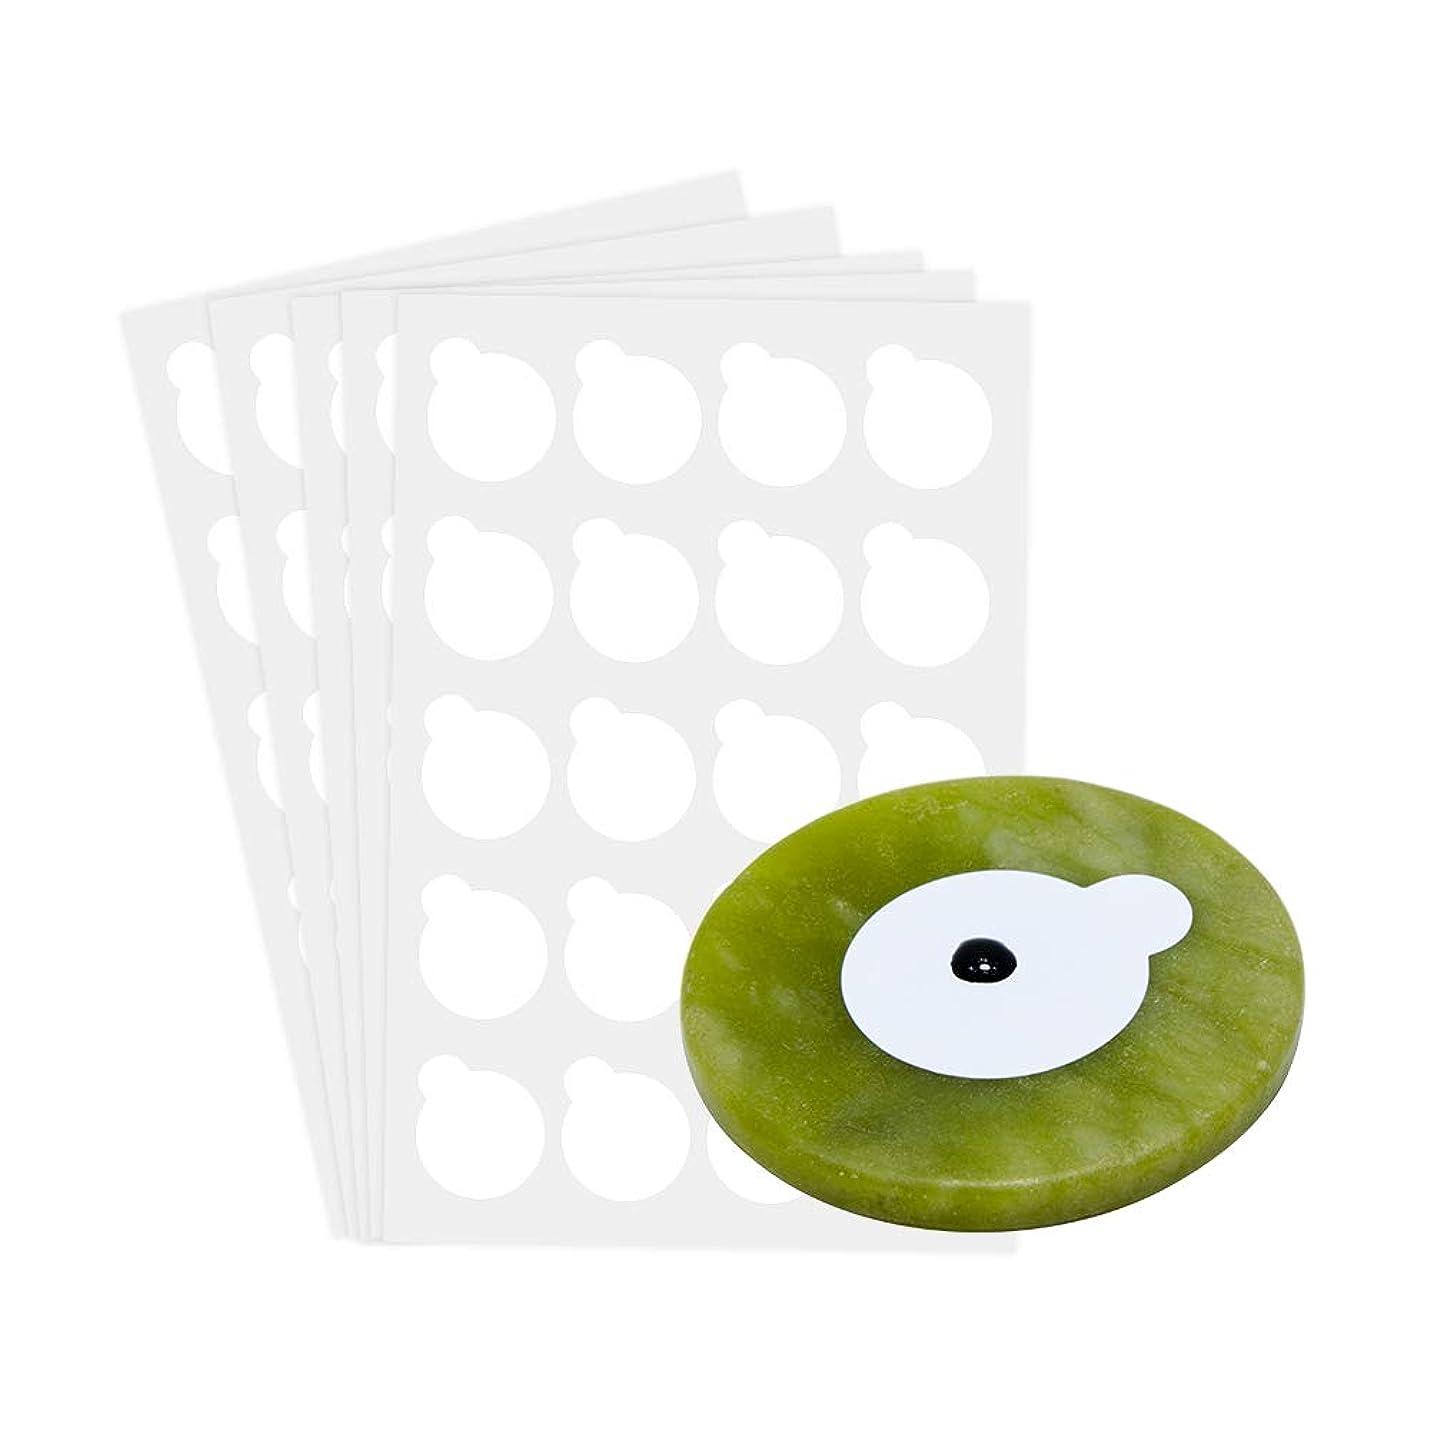 イタリックのれん名前を作るNAGARAKU 5 sheets and 1stone eyelash extensions glue holder jade stone holder glue pallet glue stand pads for eyelash extensions